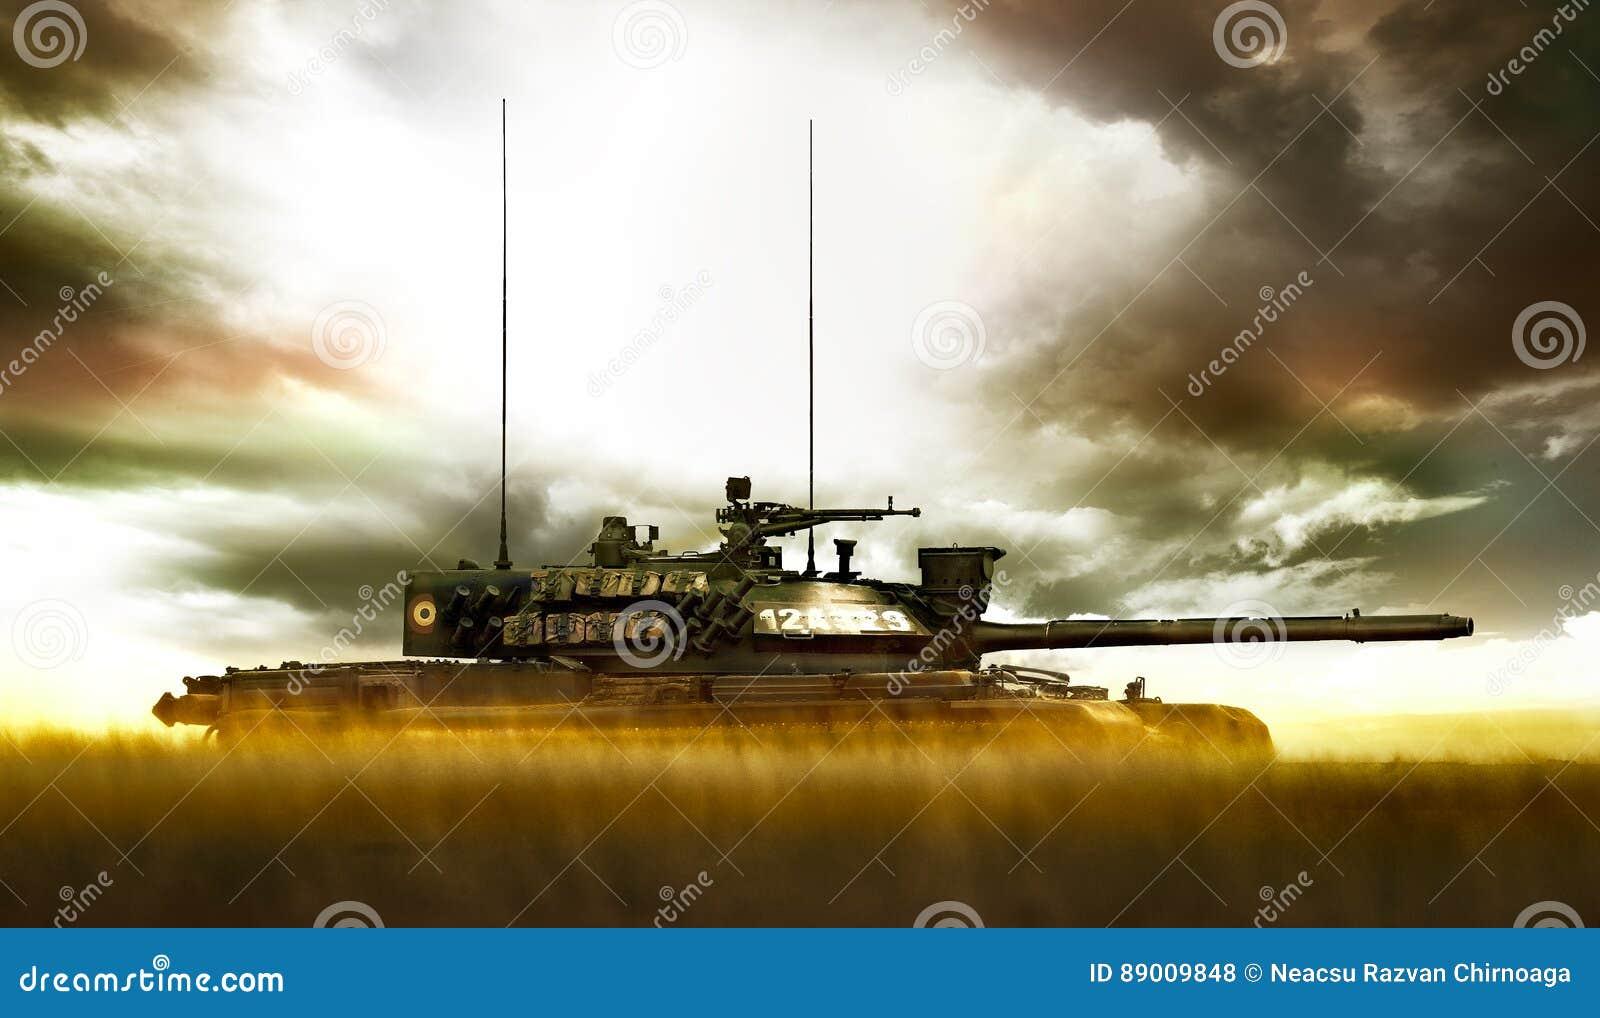 Download Римские войска на танке TR85M1 Редакционное Стоковое Фото - изображение насчитывающей пехота, полигон: 89009848